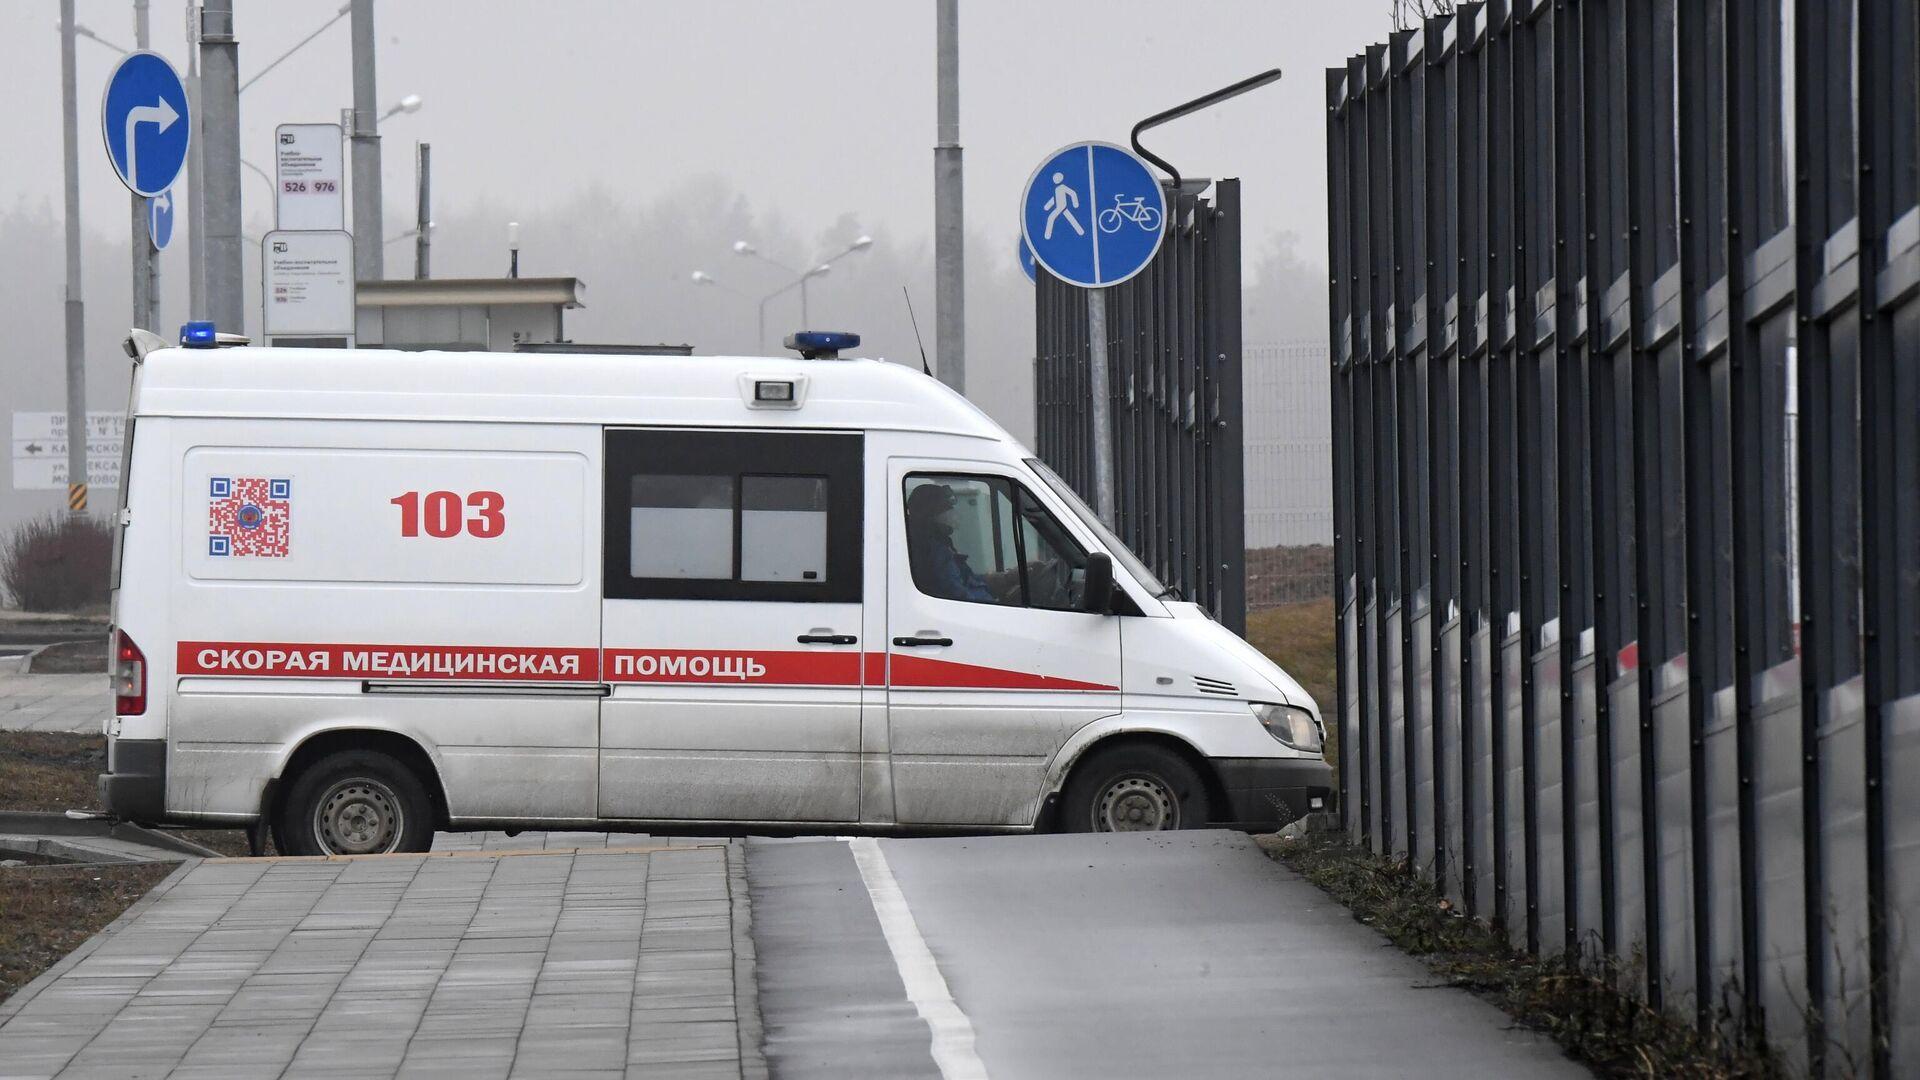 1568132215 0:320:3072:2048 1920x0 80 0 0 a7d3491872a2d79ab9aa6c670298b262 - В Москве за сутки госпитализировали 771 человека с коронавирусом